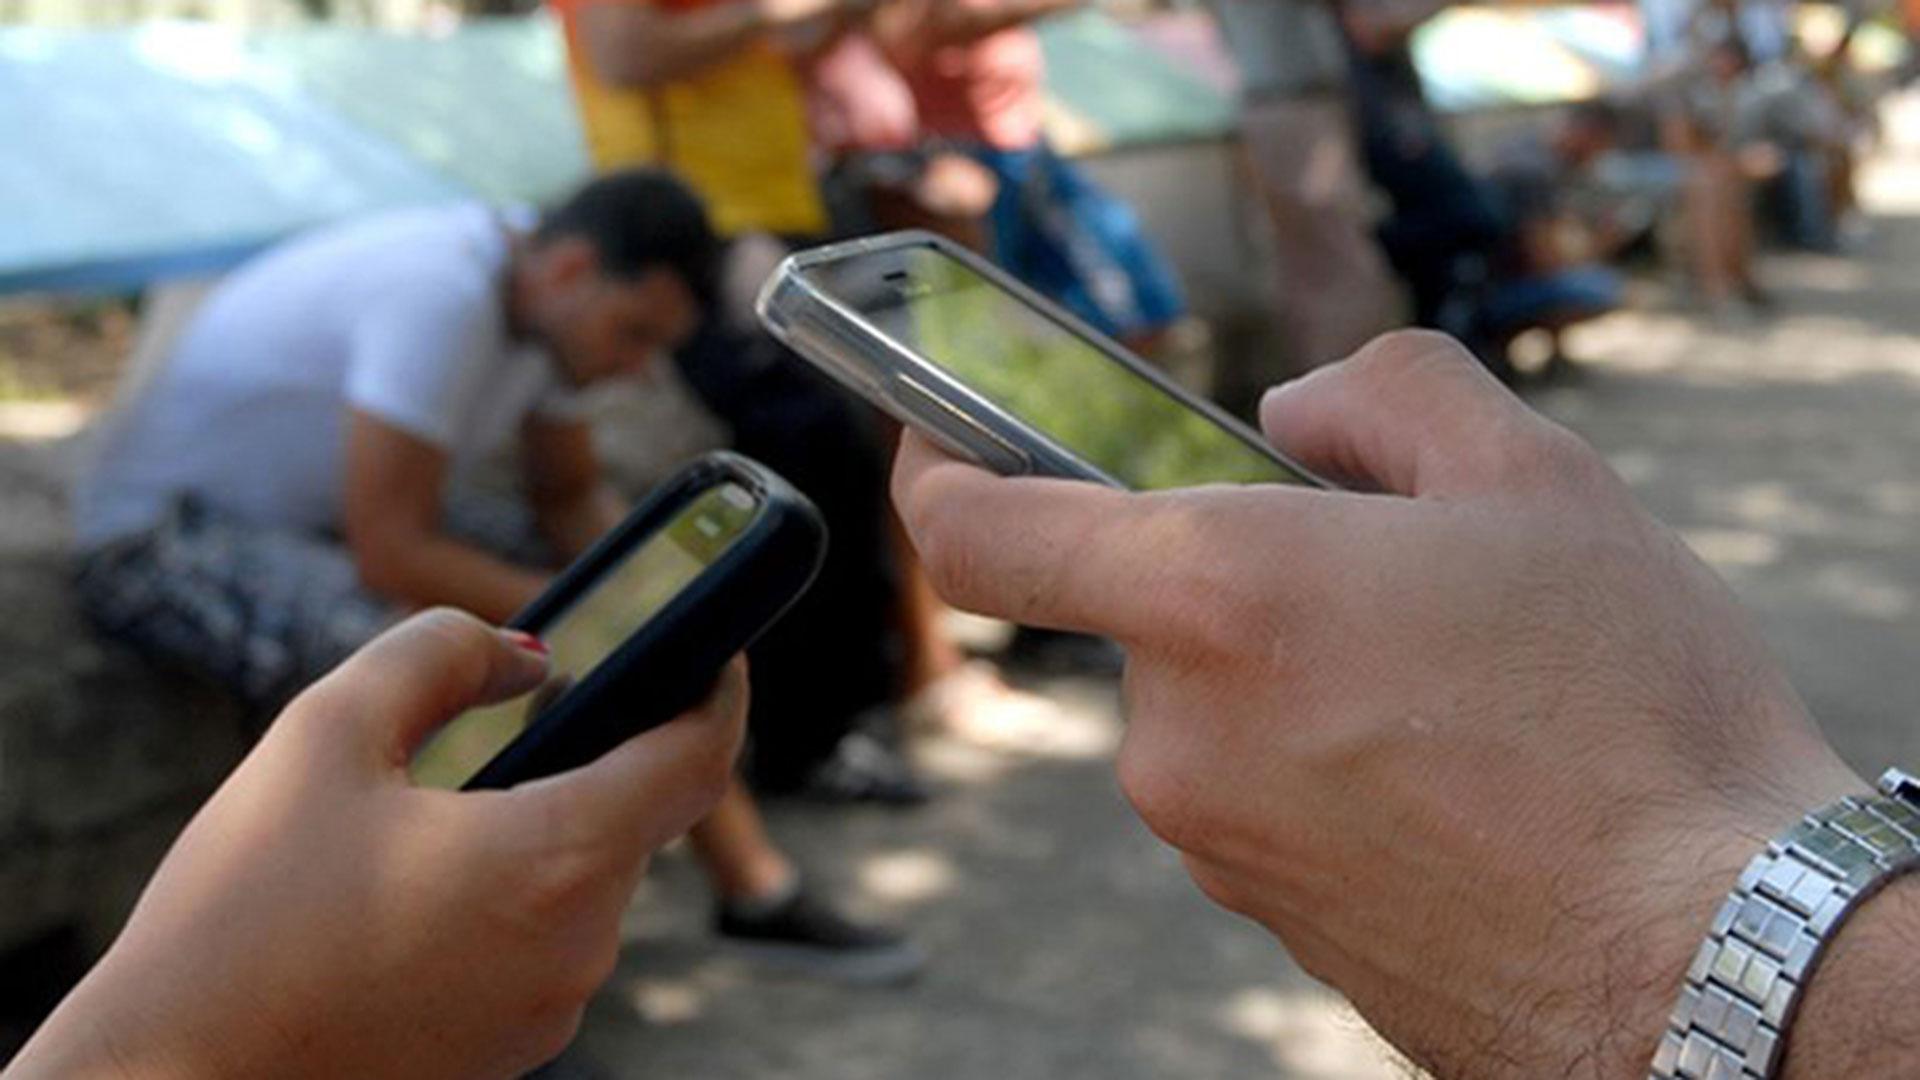 Desde que en 2008 a los habitantes de la isla se les permitió comprar líneas móviles a su nombre, en el país ha florecido un mercado negro de teléfonos traídos del exterior o robados